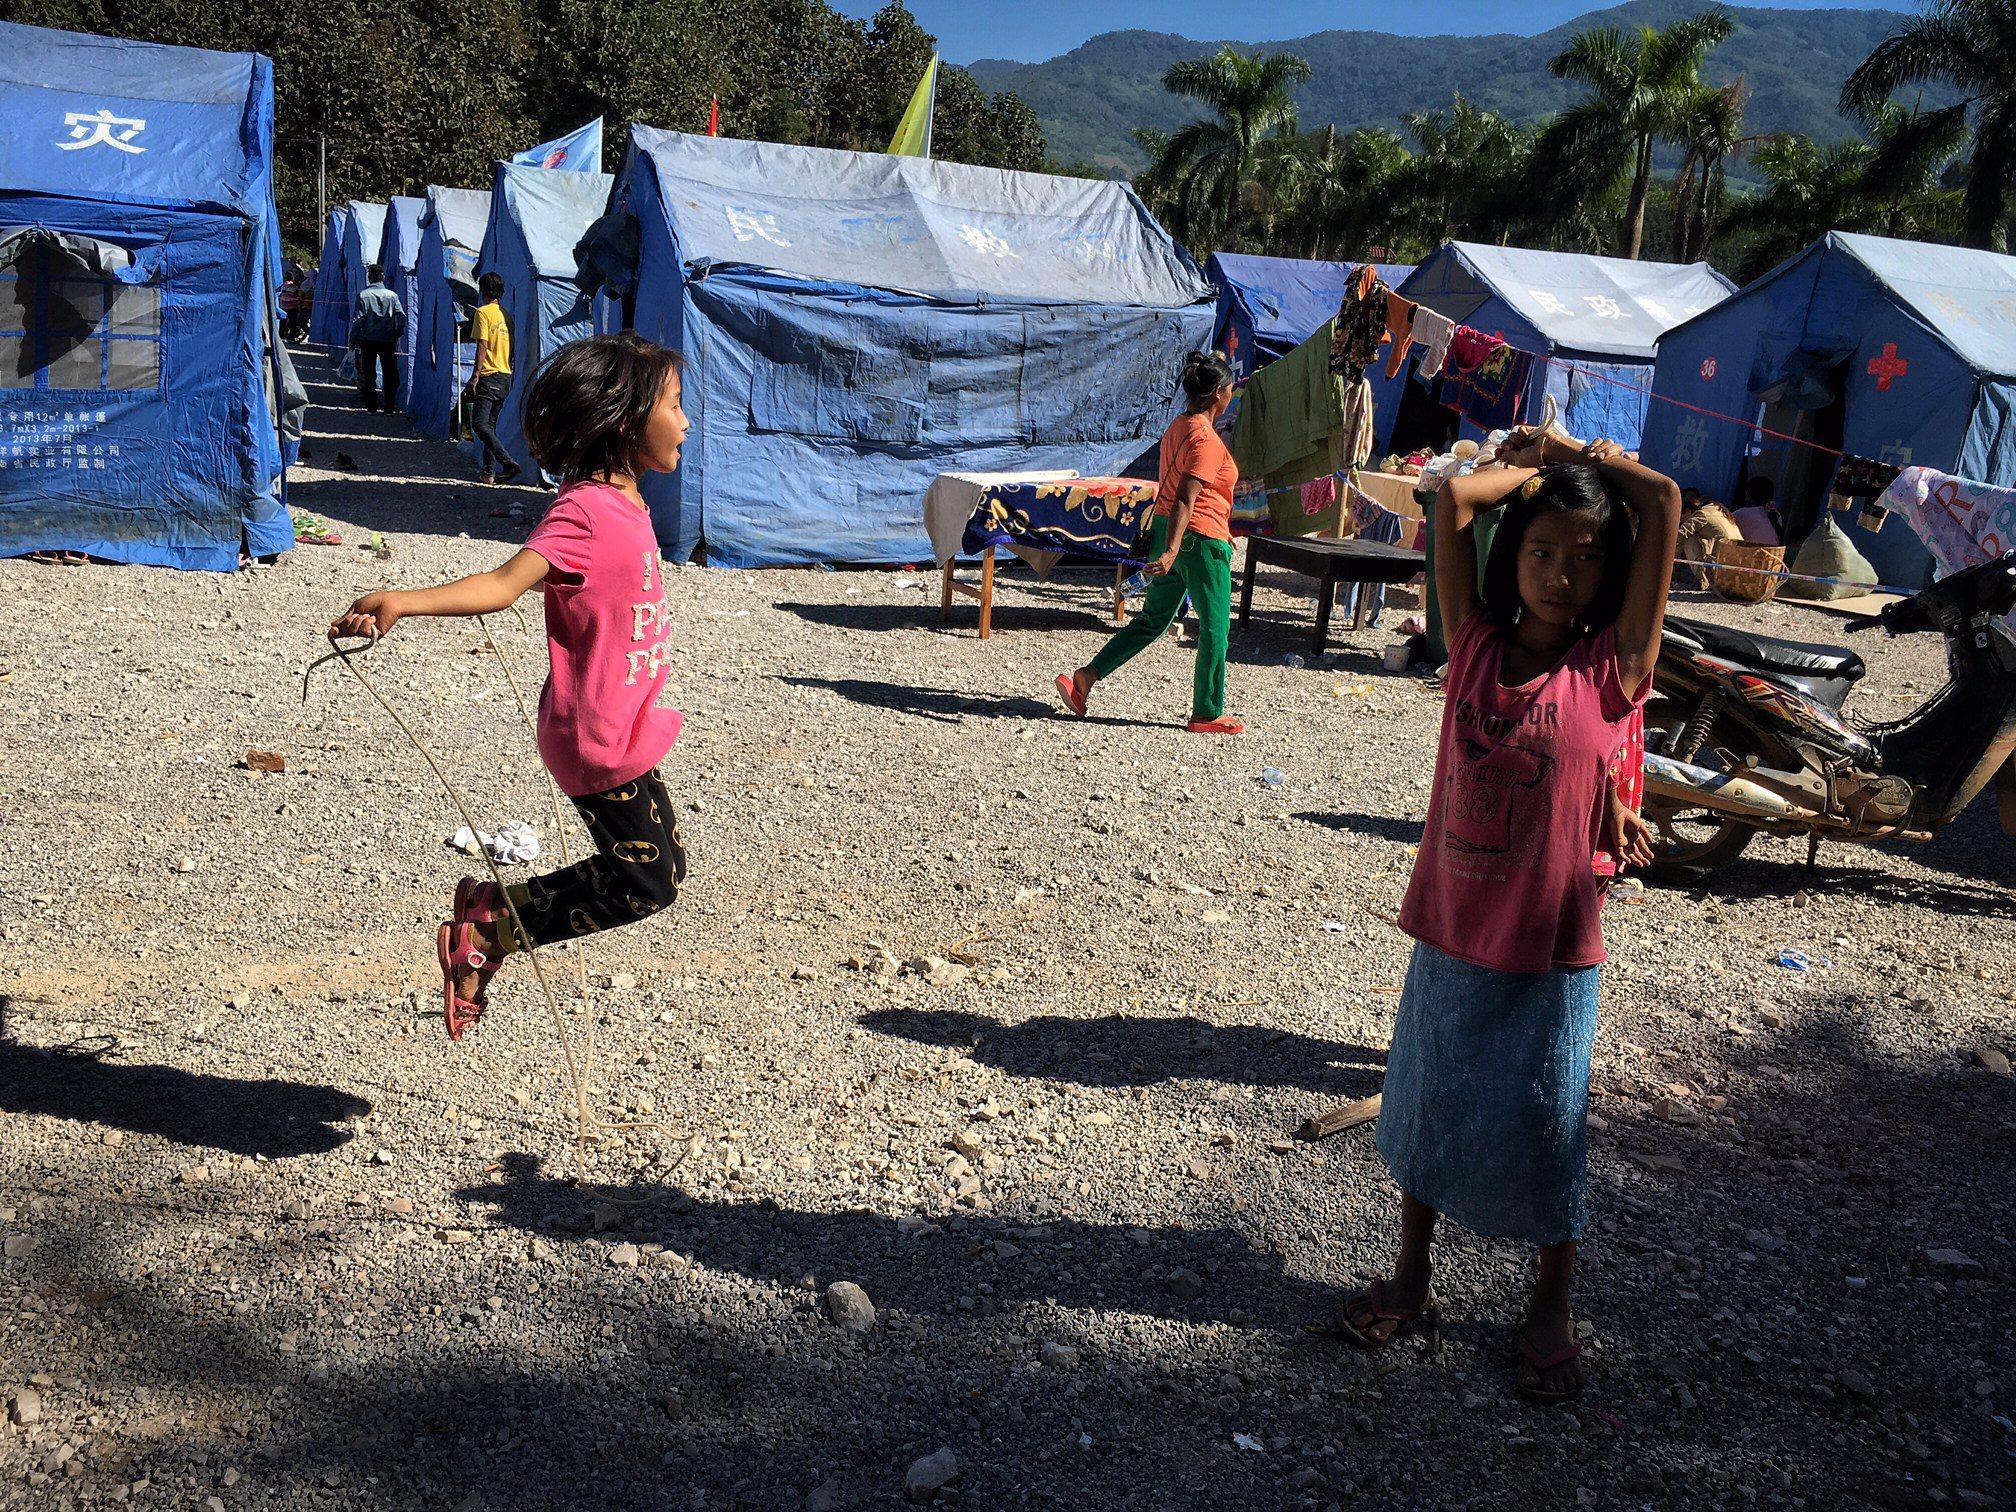 Chiny: obóz dla uchodźców  z Republiki Związku Mjanmy (foto. PAP/EPA/XIE KUANGSHI CHINA)